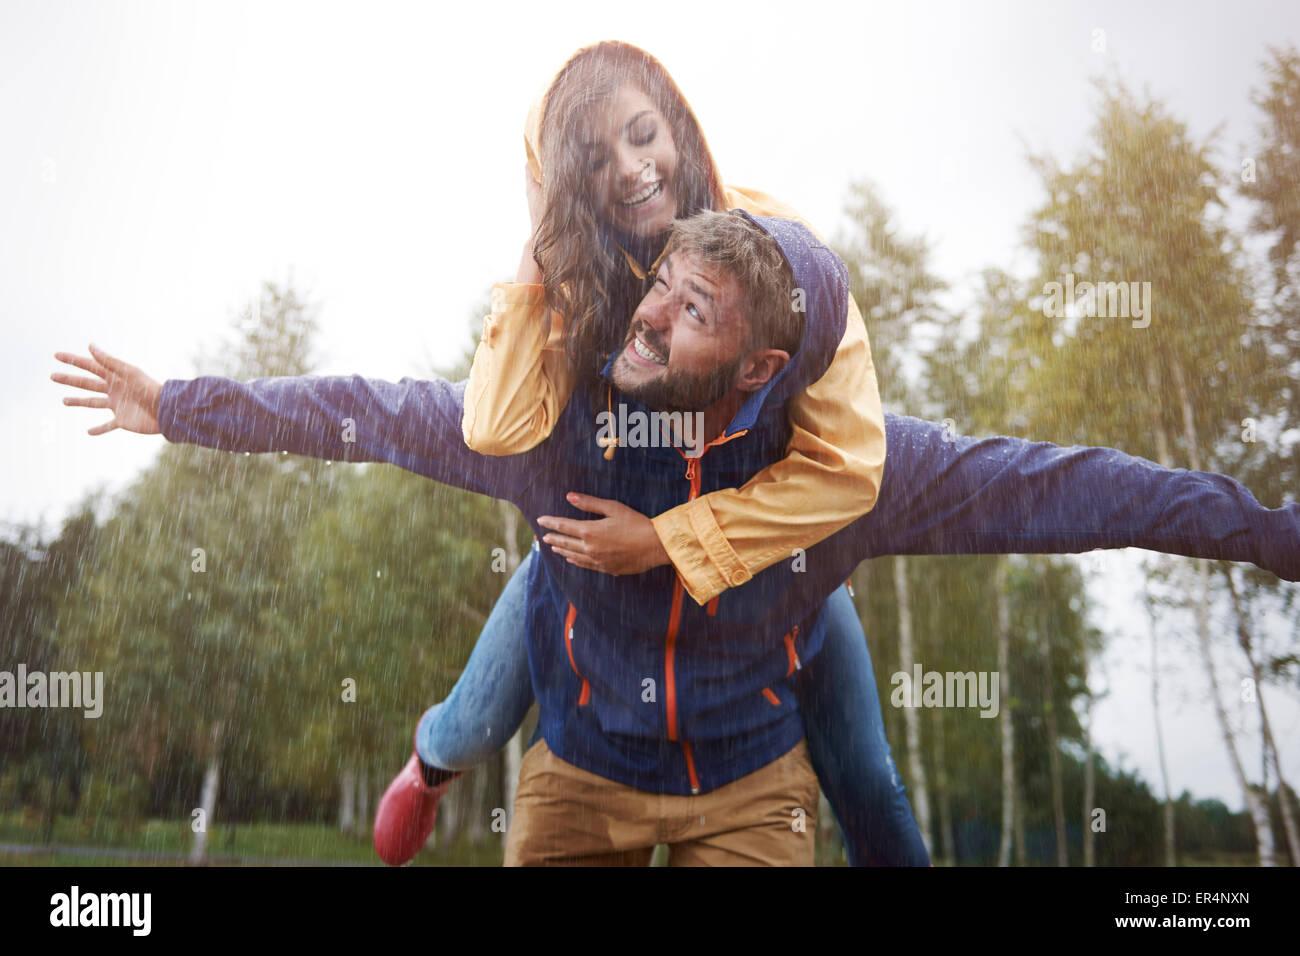 Jouer sous la pluie comme un enfant. Debica, Pologne Photo Stock